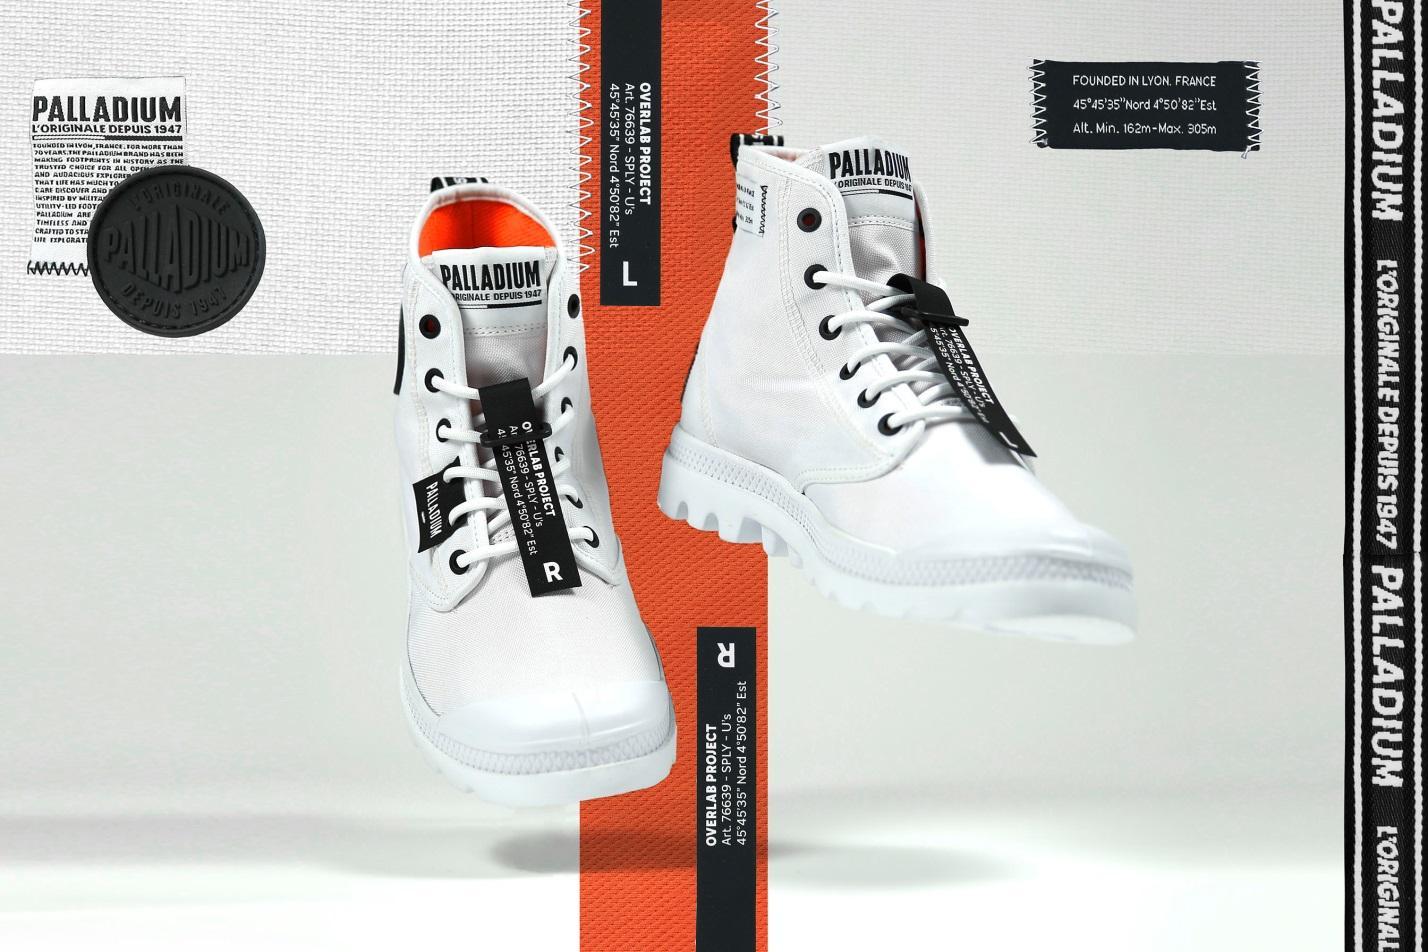 BST Overlab của Palladium với những thiết kế giày có ý nghĩa vô cùng đặc biệt